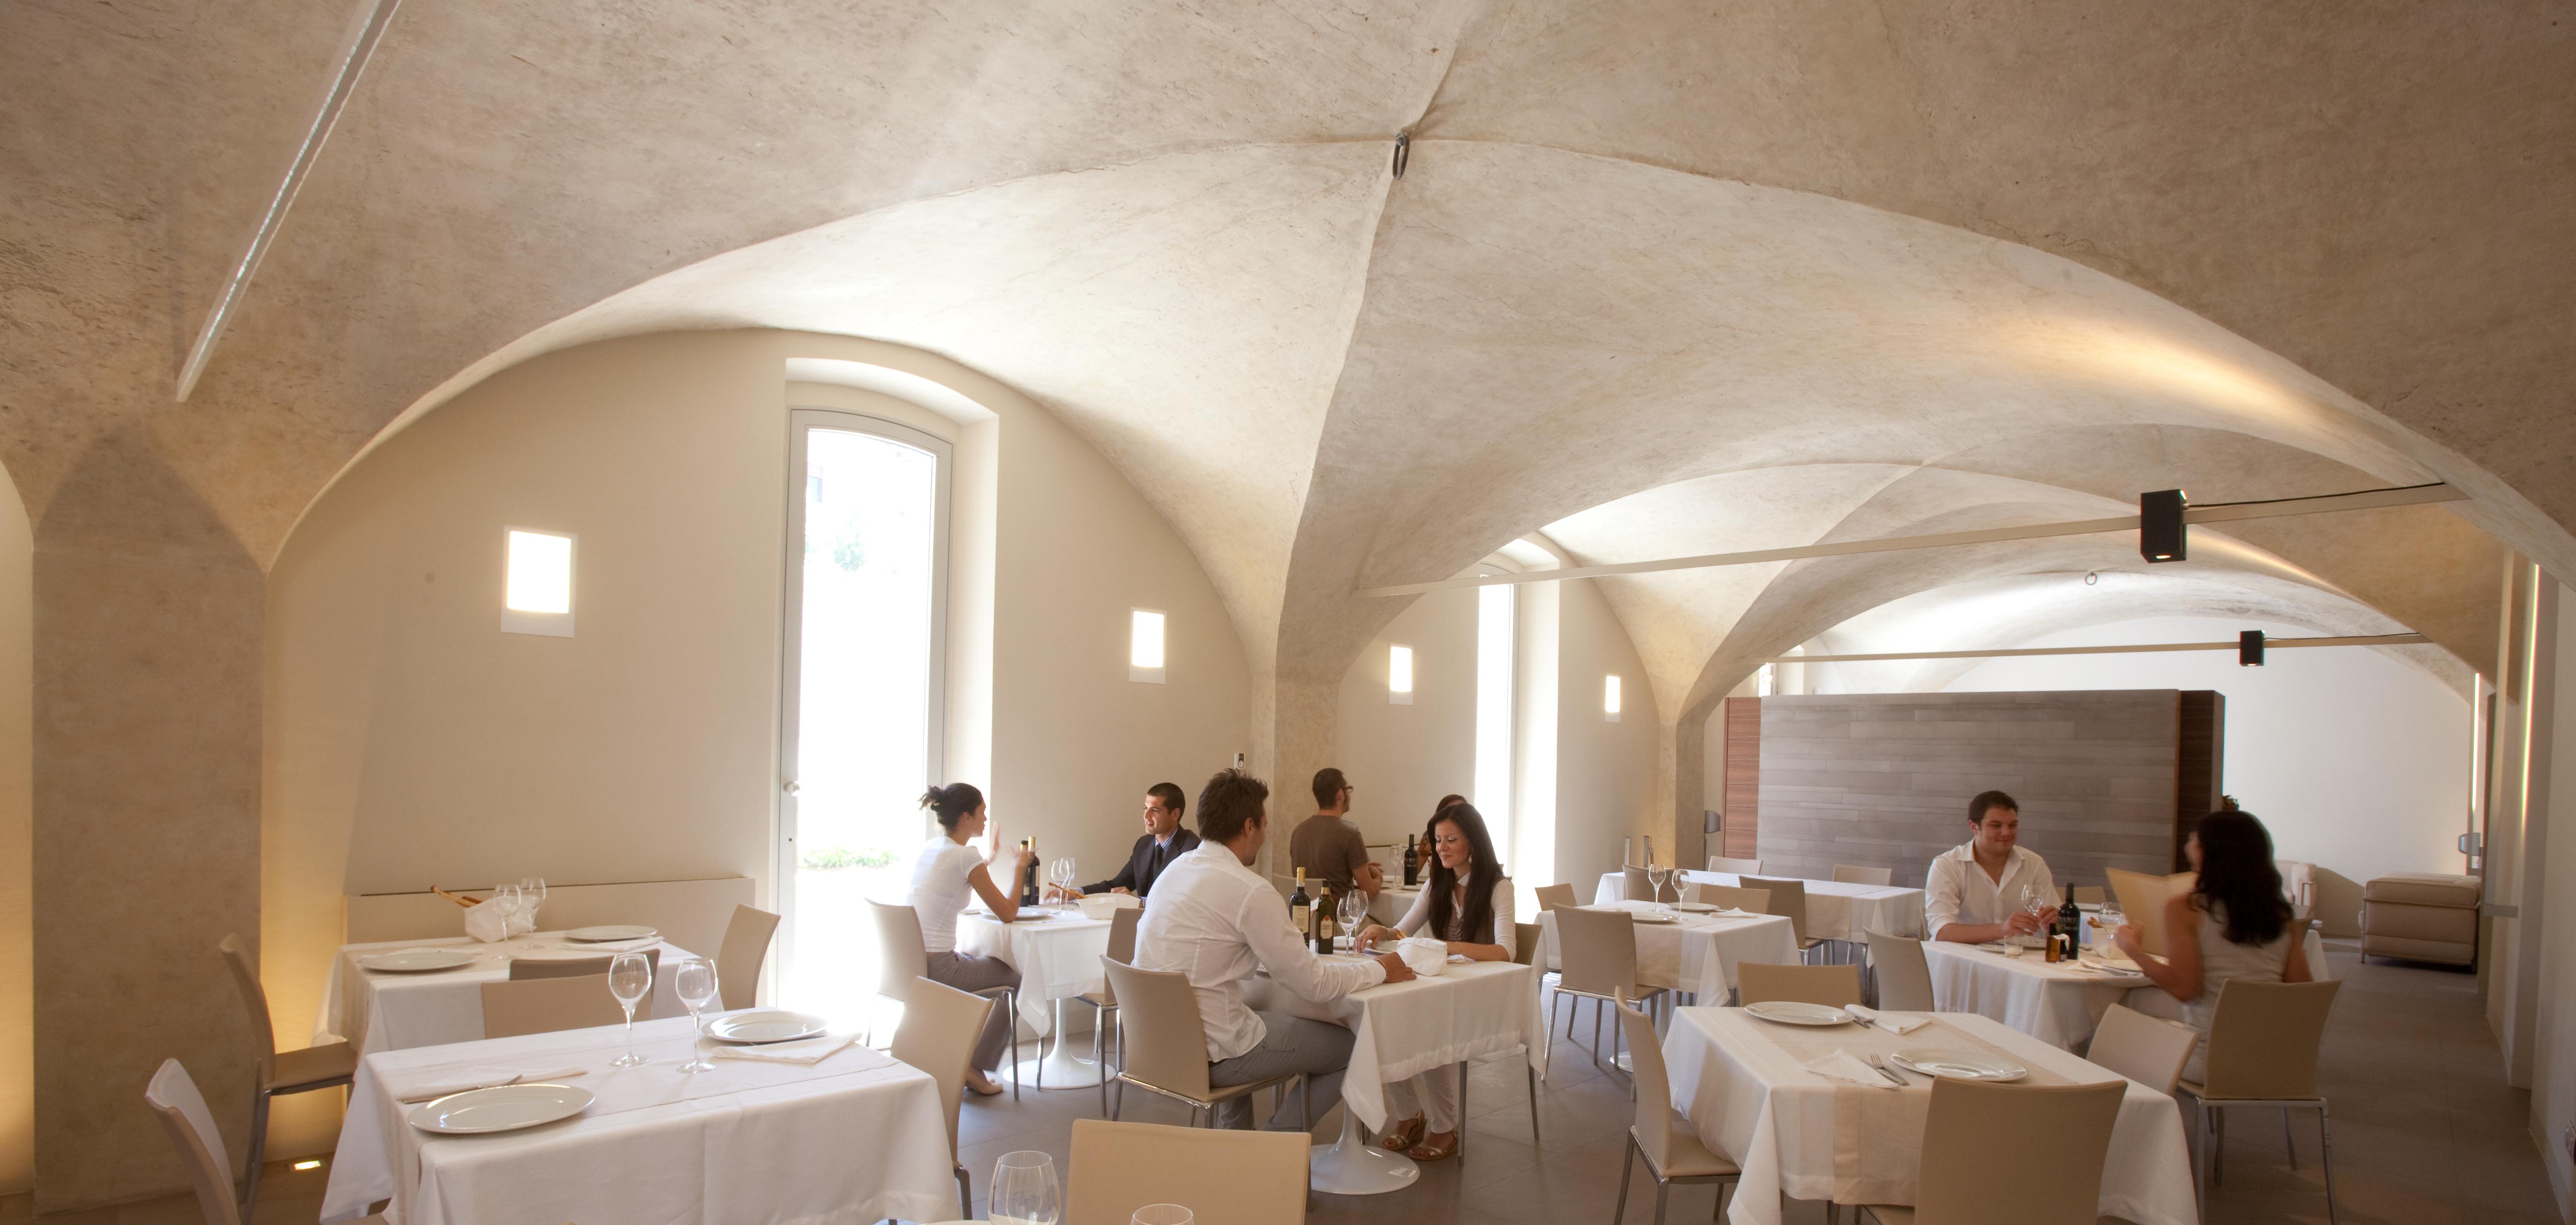 Le antiche pietre dell'Hotel Nun ad Assisi - HotelMag